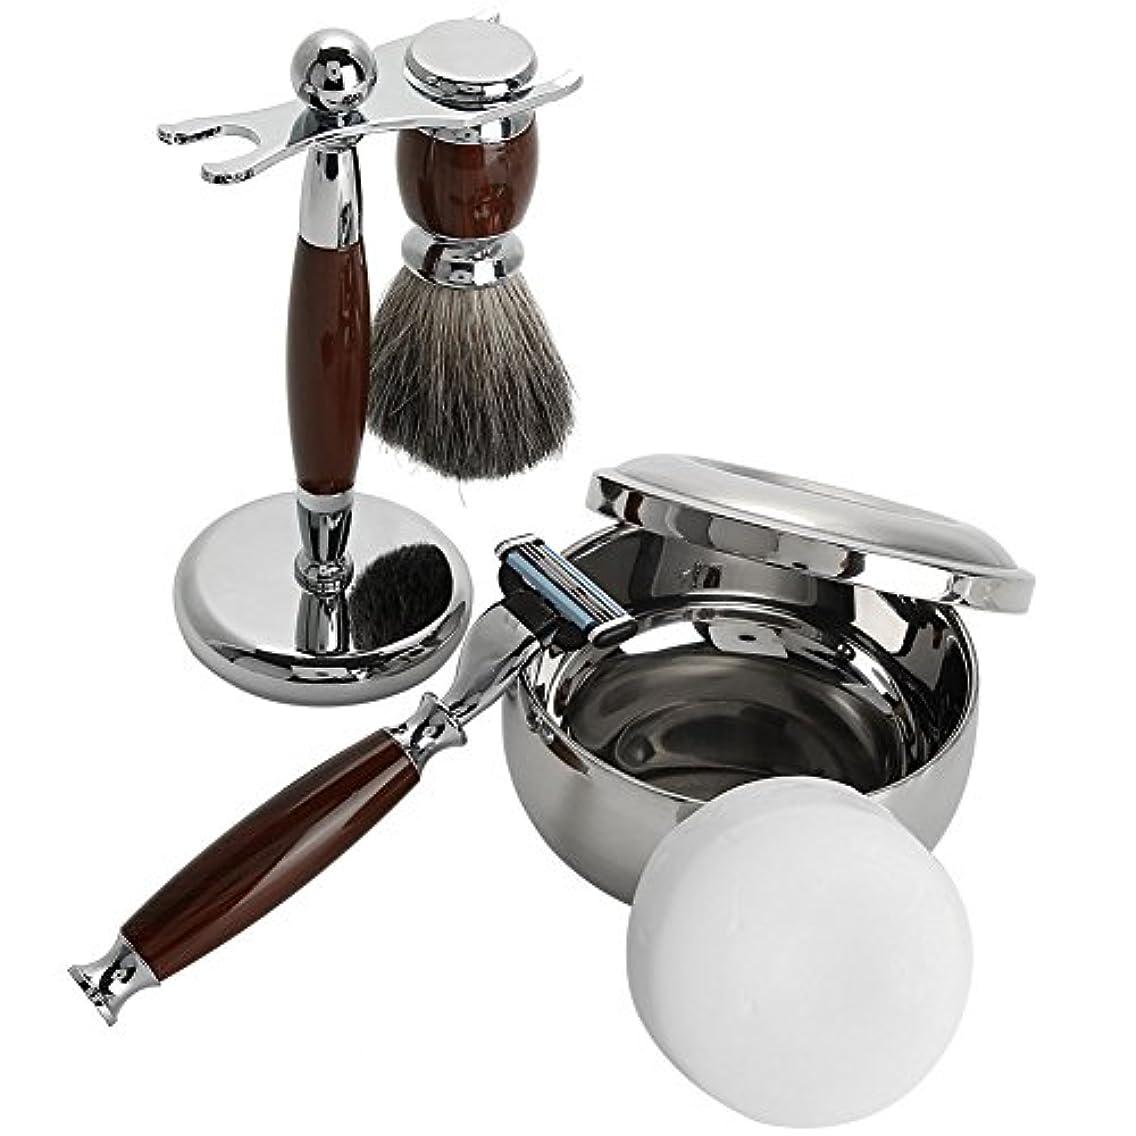 錆び蚊グラフィック剃刀 -Dewin シェービングブラシセット、剃刀スタンド、石鹸ボウル、石鹸、洗顔ブラシ、髭剃り、泡立ち、メンズ